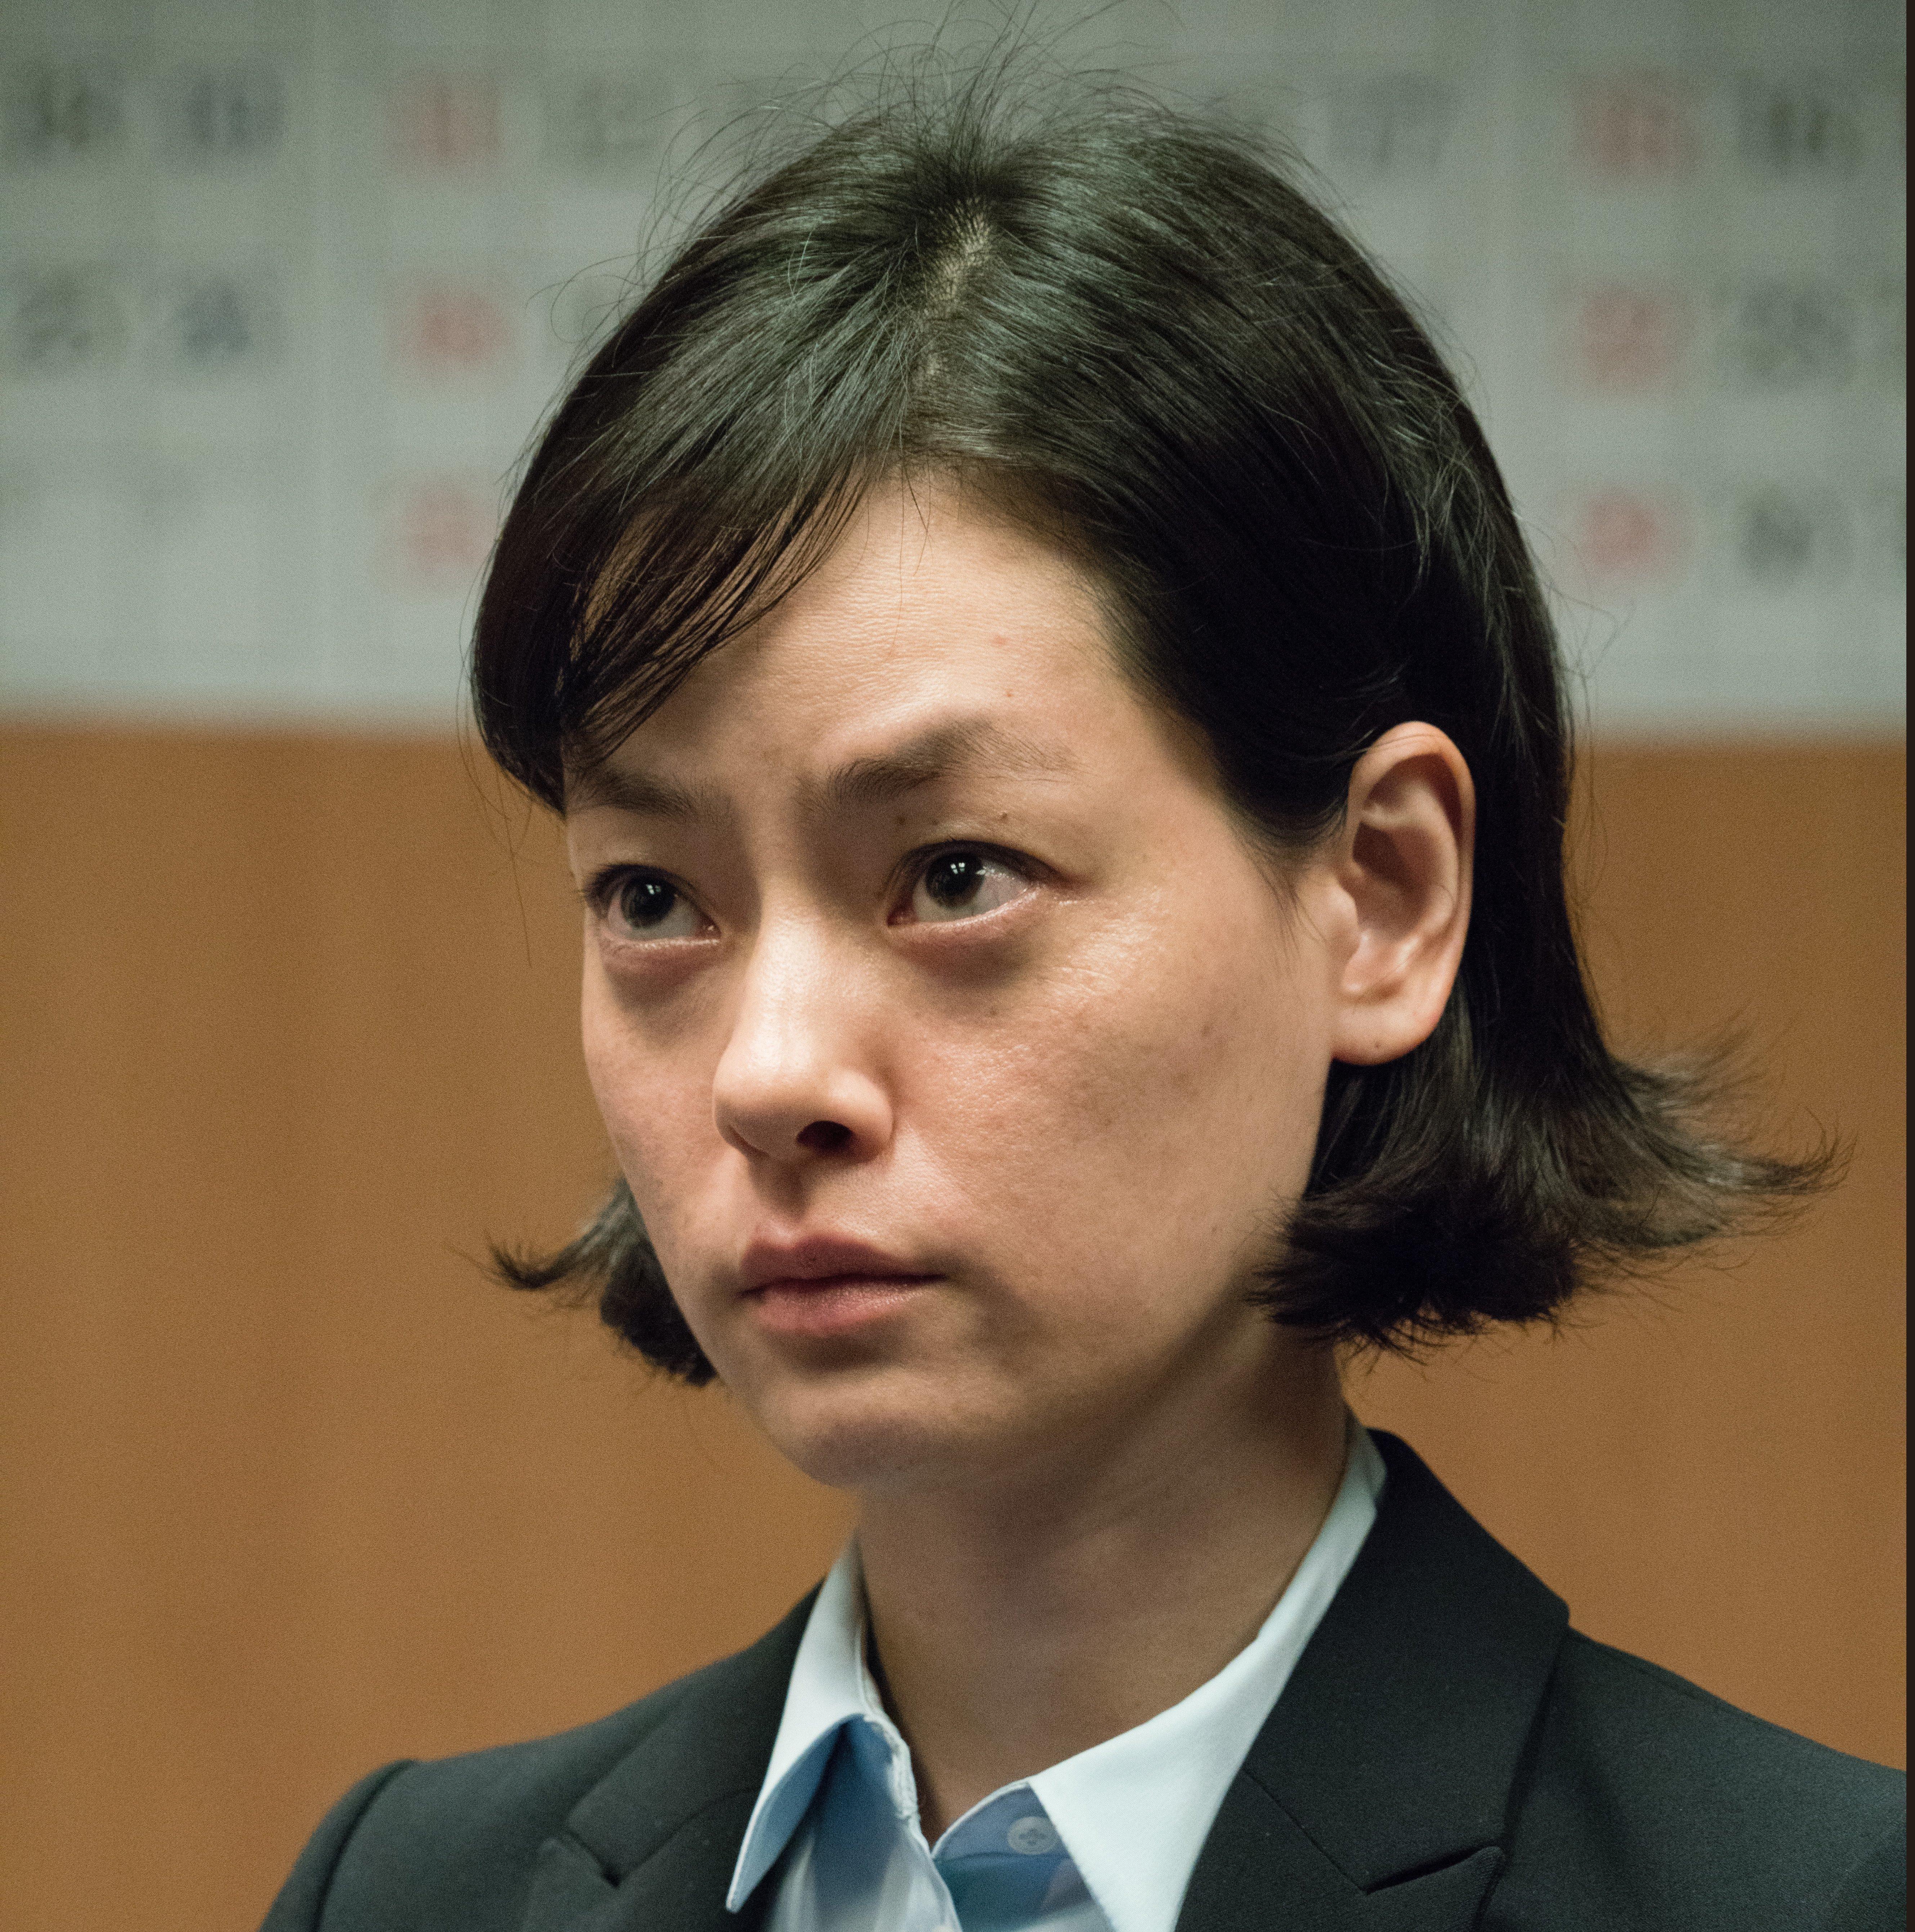 『シン・ゴジラ』ファン必見!市川実日子の魅力が堪能出来る映画6本とは?